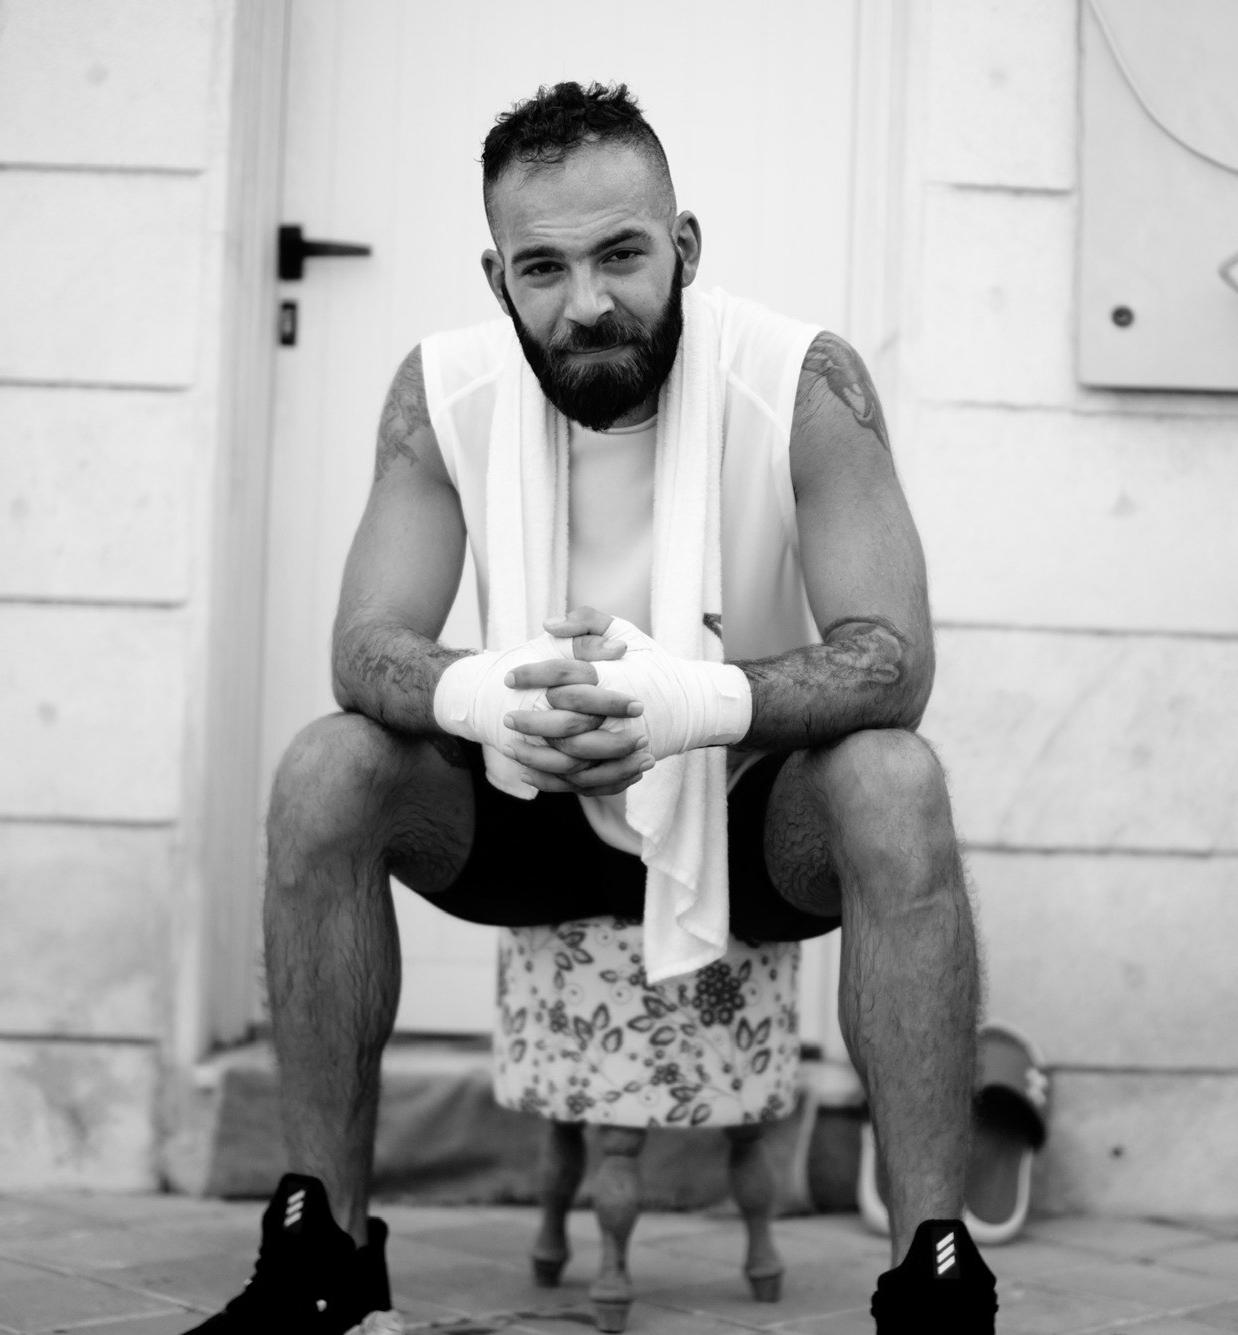 Mixed Martial Arts, Jiu Jitsu & Kickboxing Coach In Dubai - Marc A